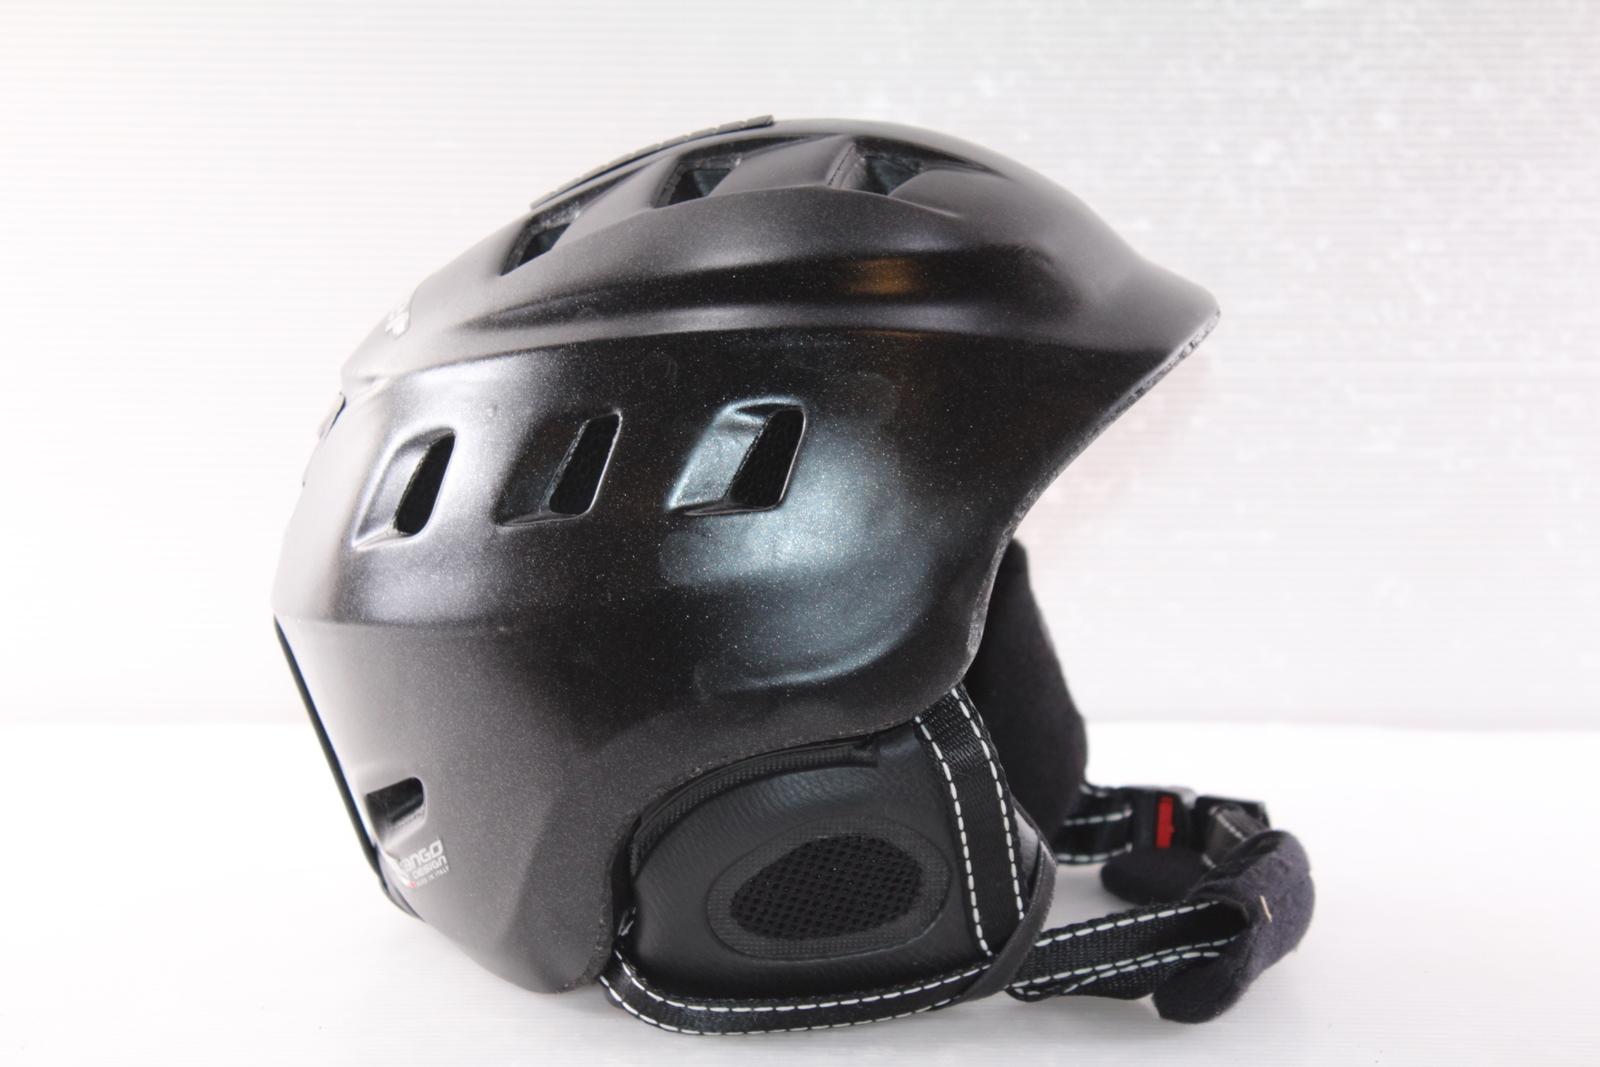 Dětská lyžařská helma Slokker  - posuvná vel. 48 - 50